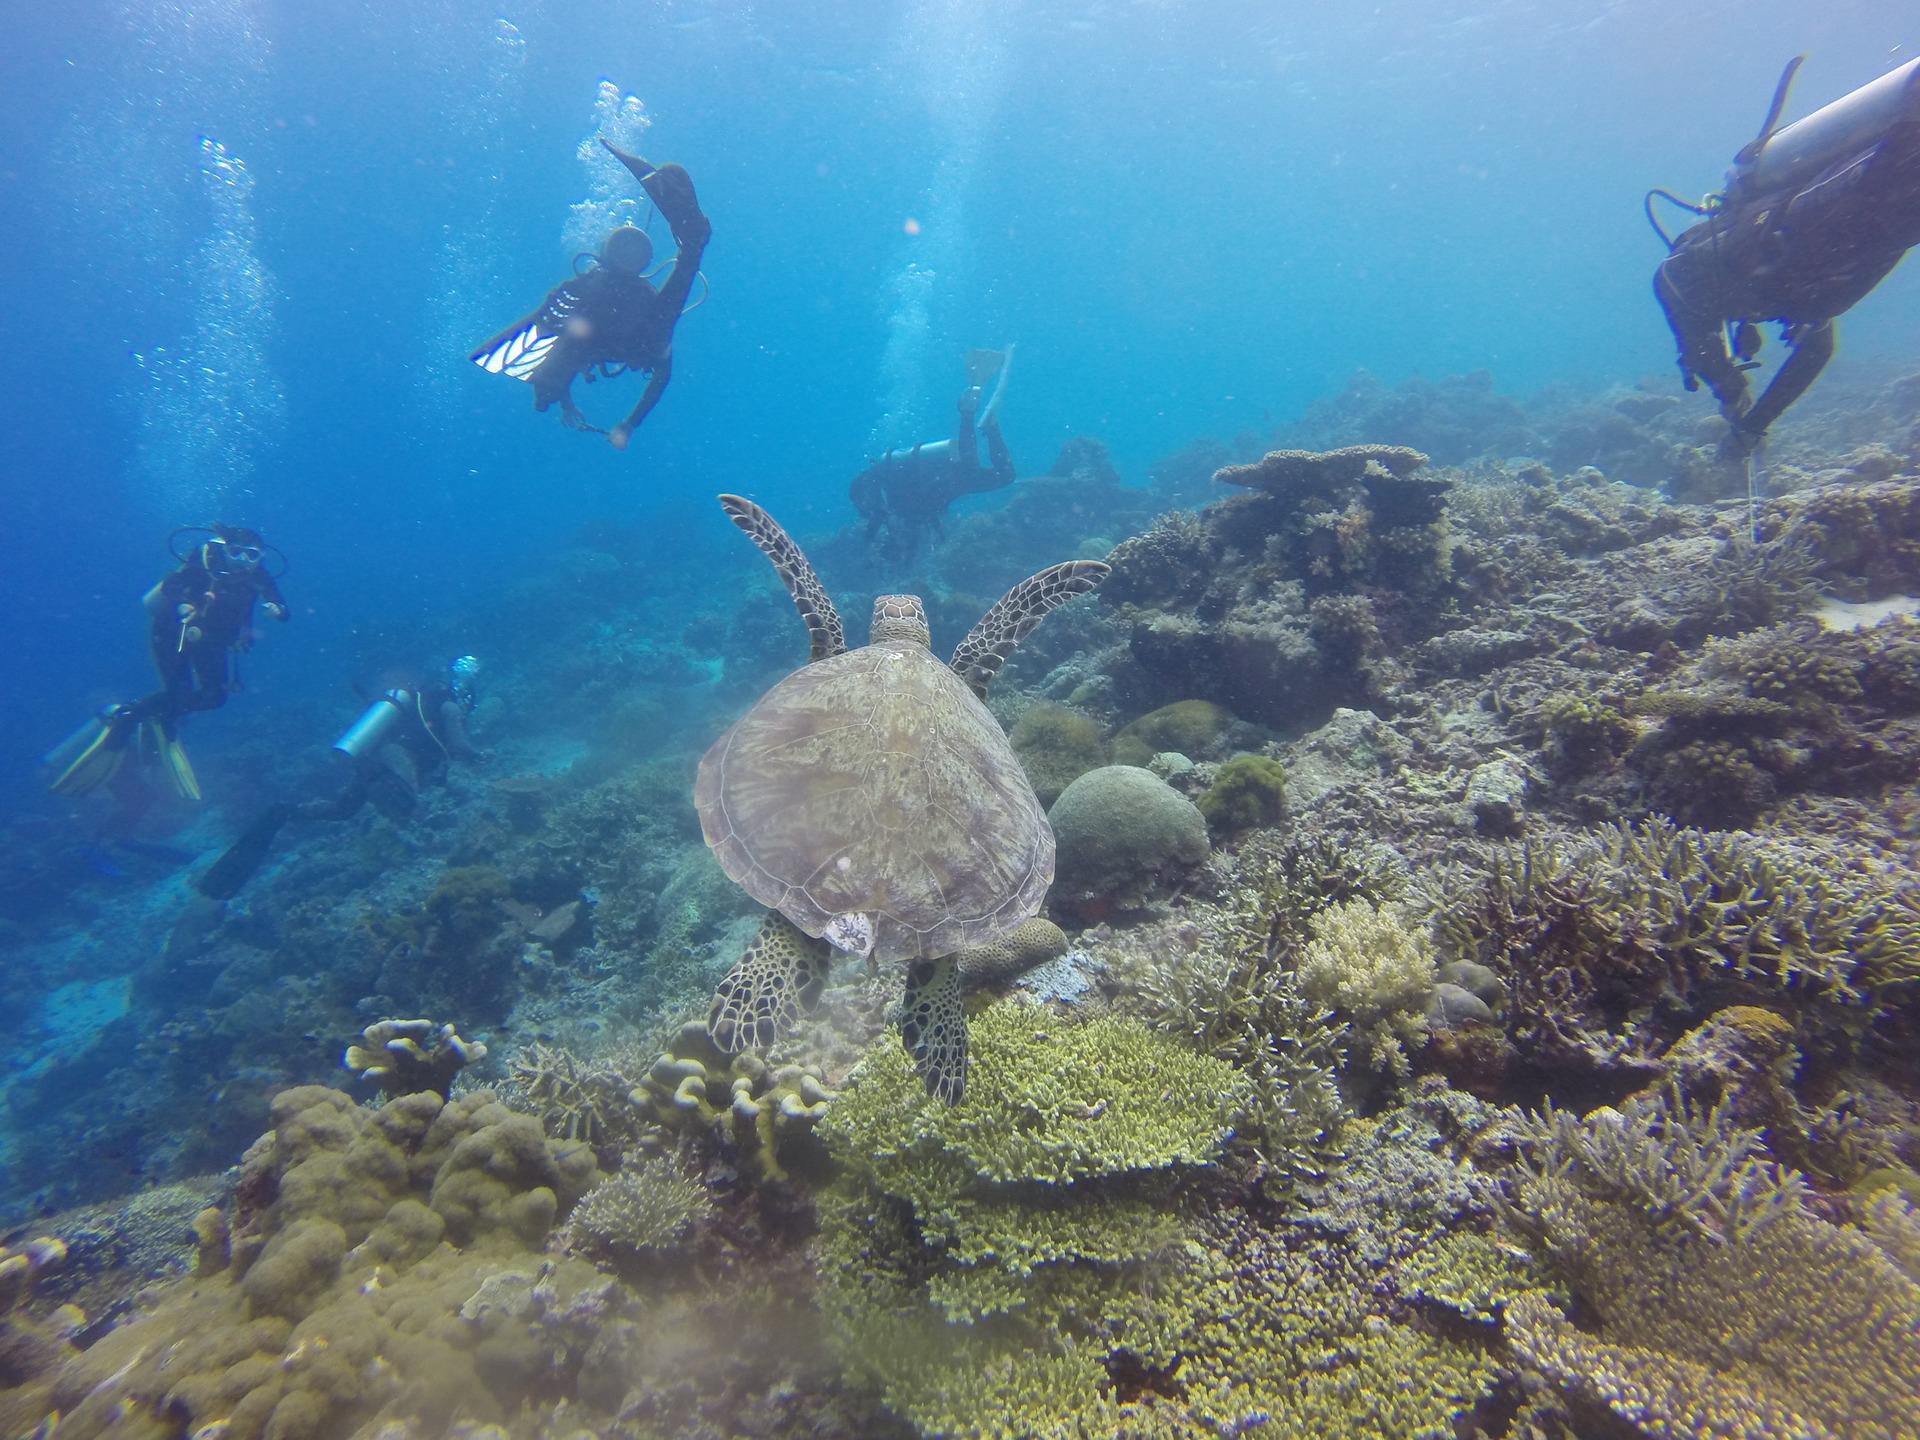 scuba-diving-1300848_1920